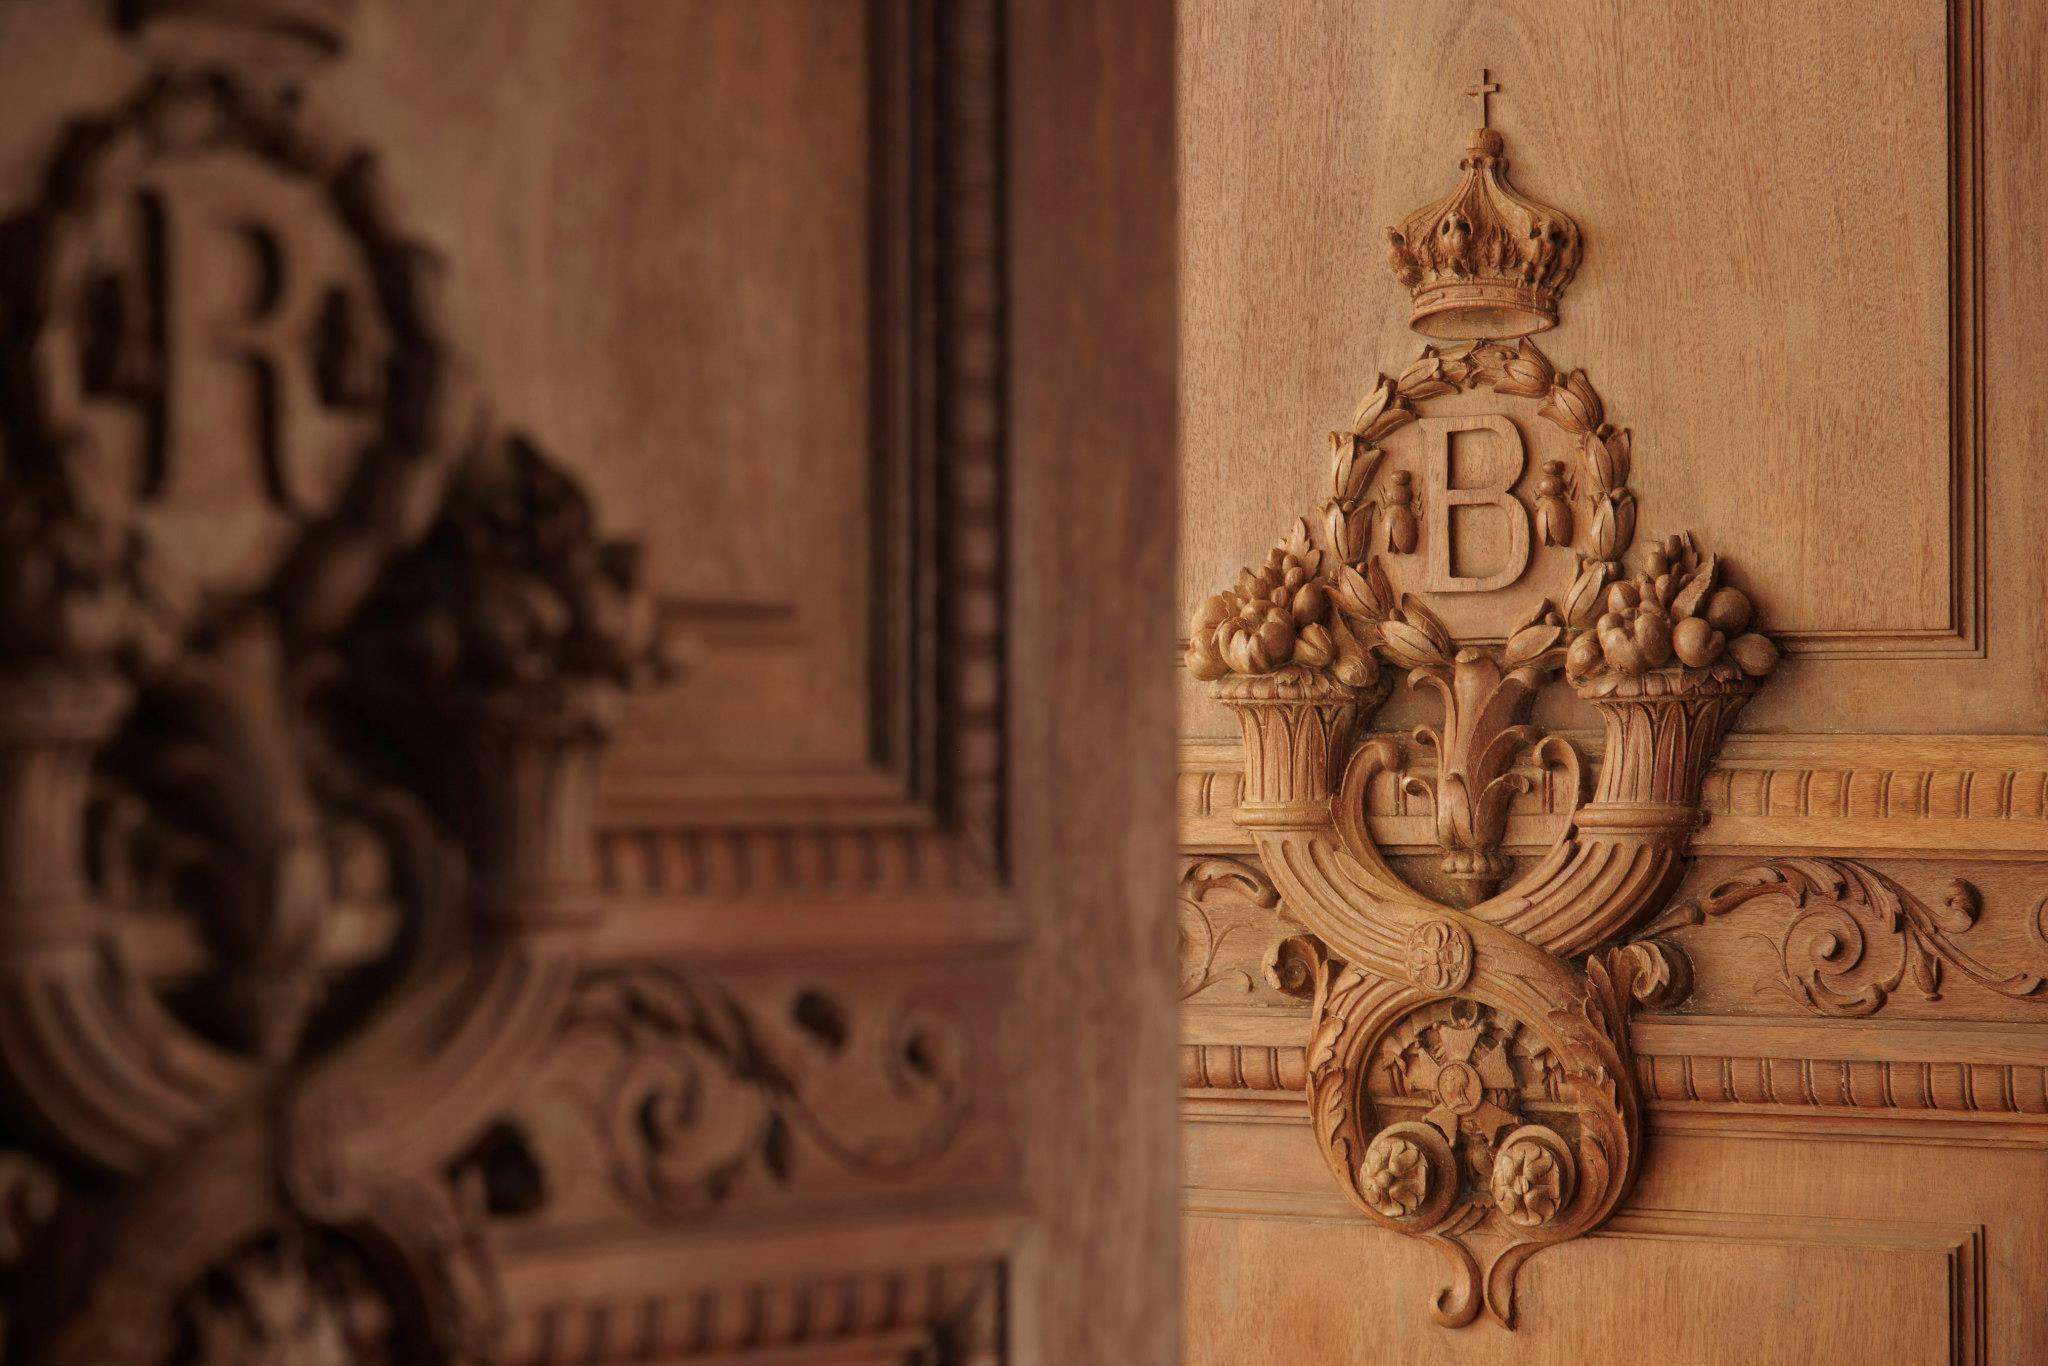 Extraordinary carving and design ornamentos esculpidos tallados